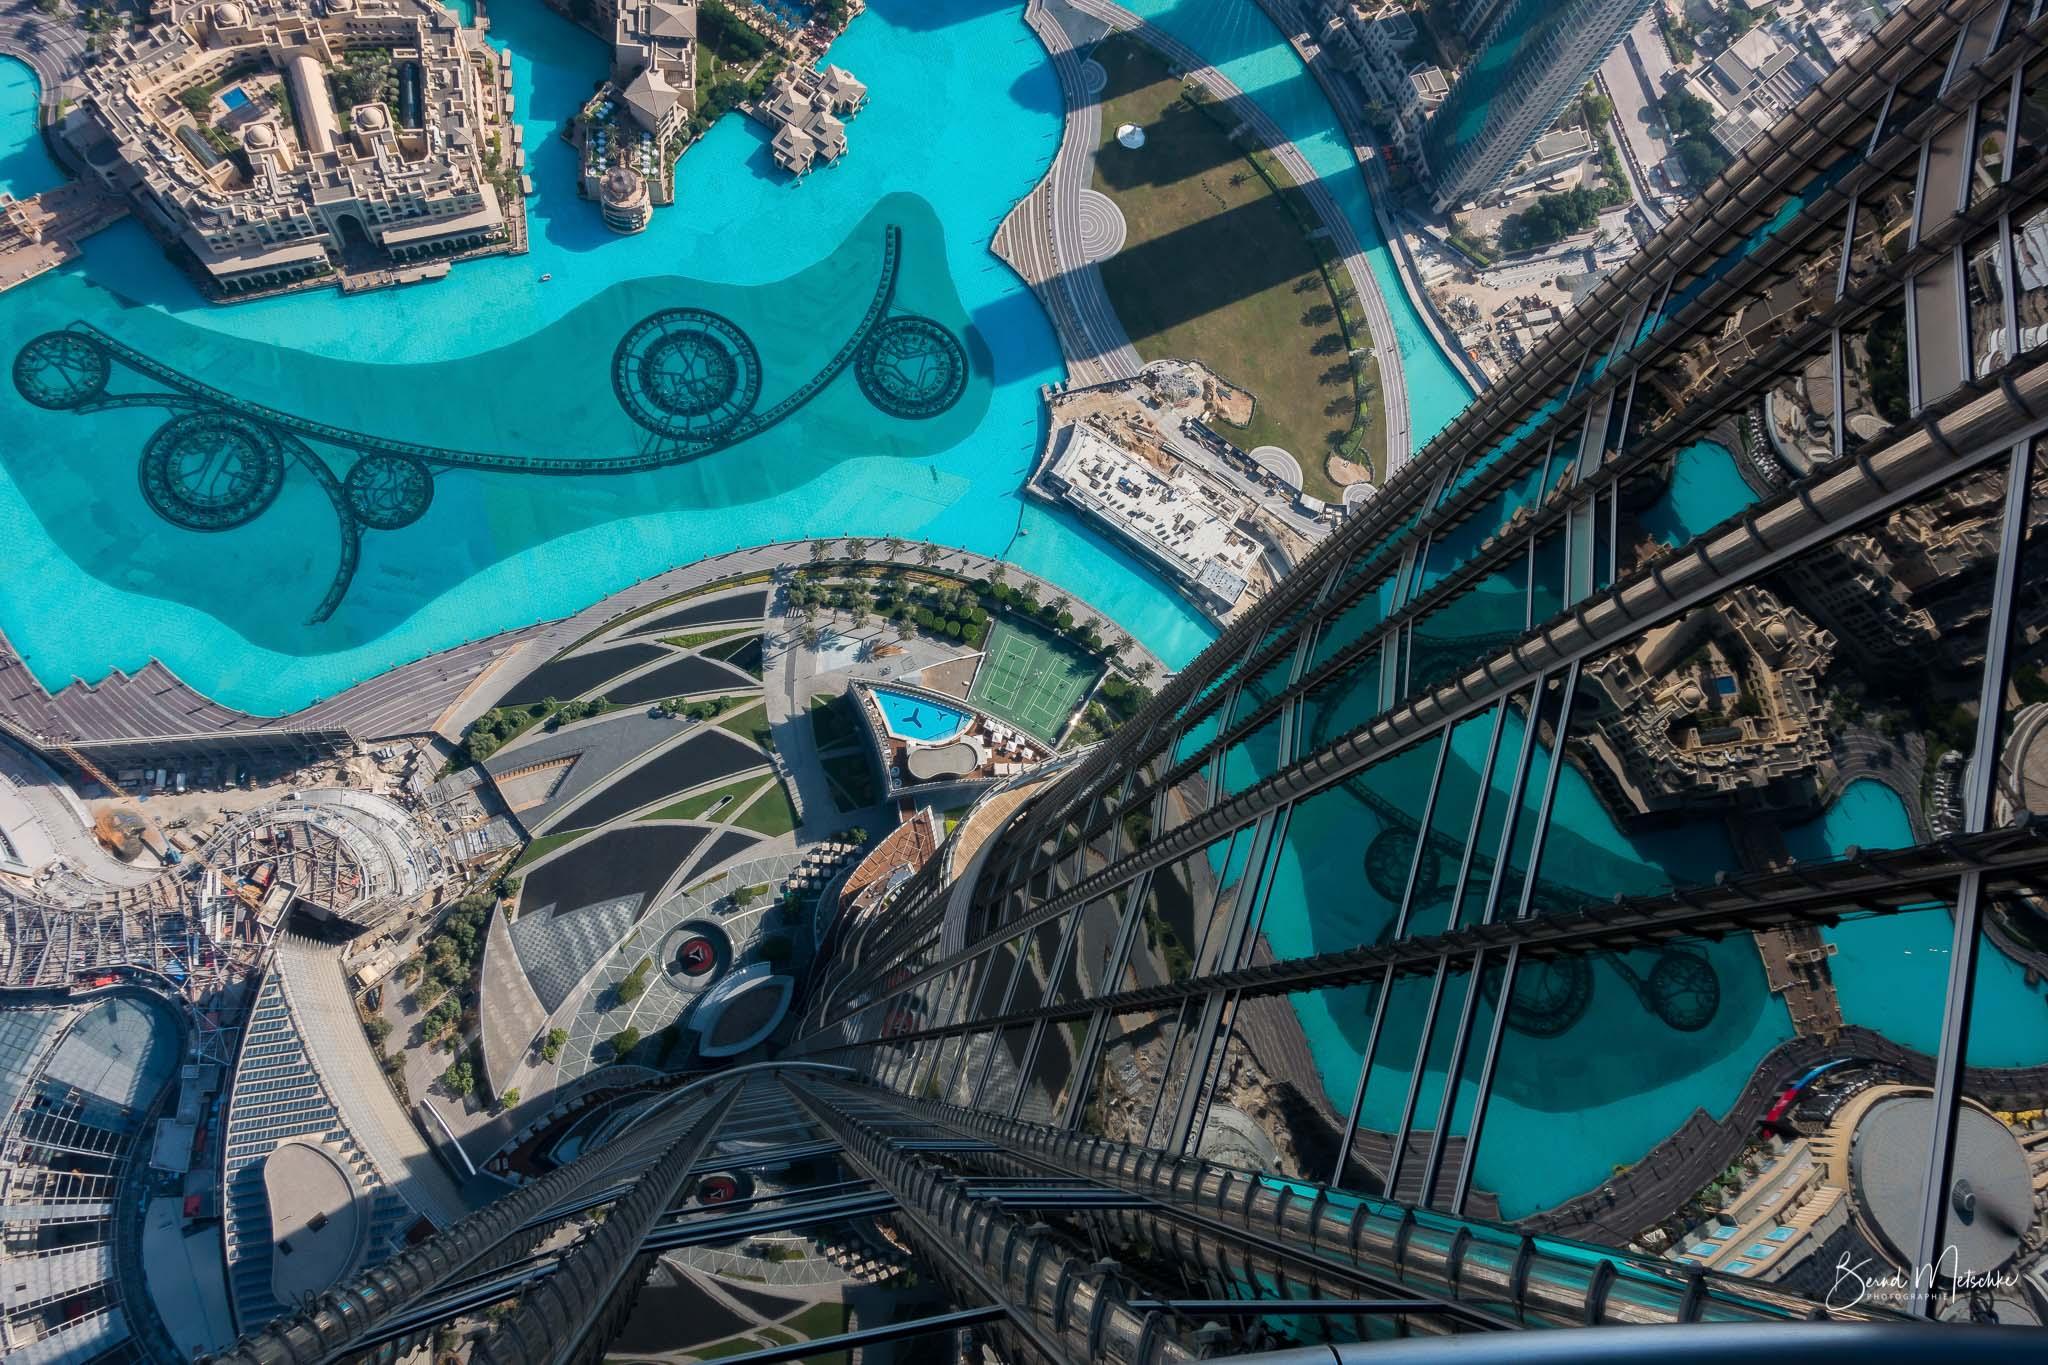 Der Burj Khalifa spiegelt sich in der größten Wasserfontäne der Welt.